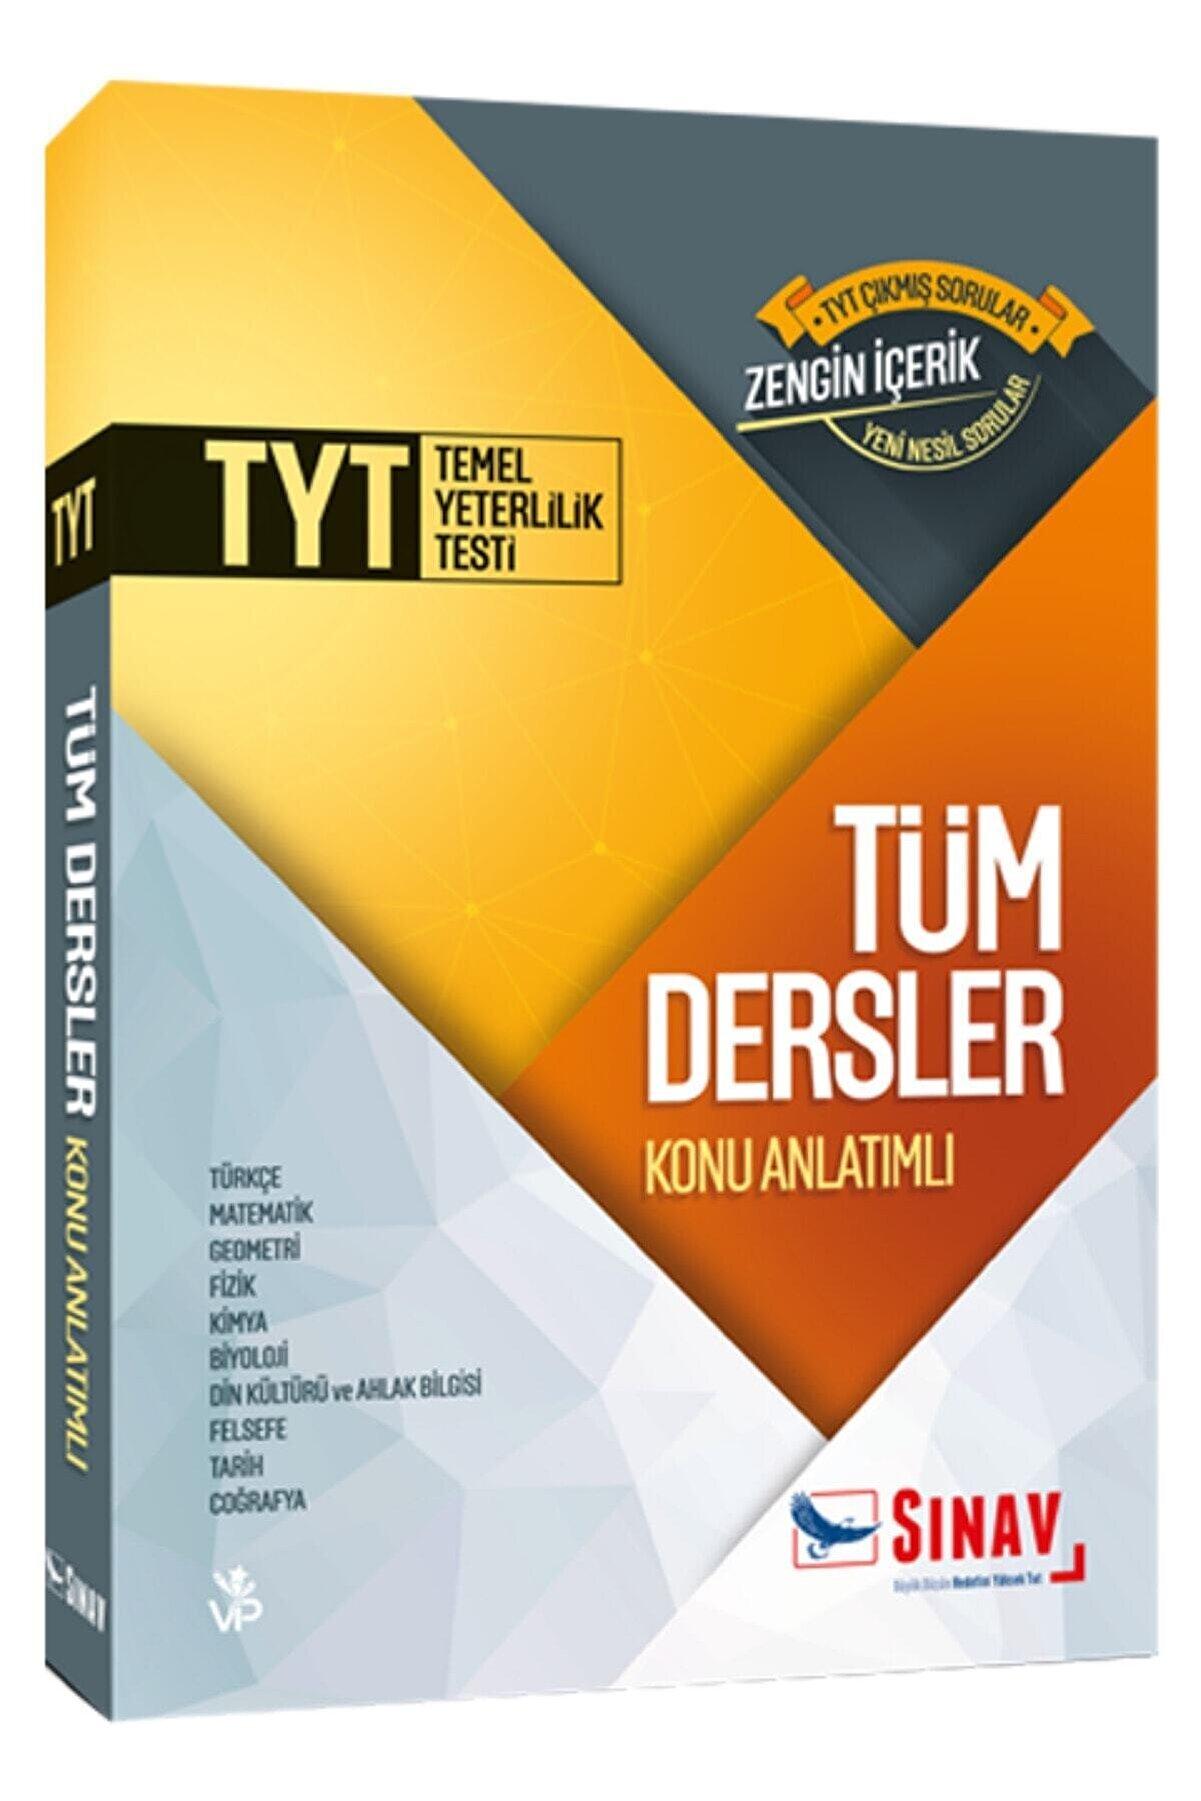 Sınav Yayınları Tyt Tüm Dersler Konu Anlatımlı Tek Kitap (yeni Müfredat)